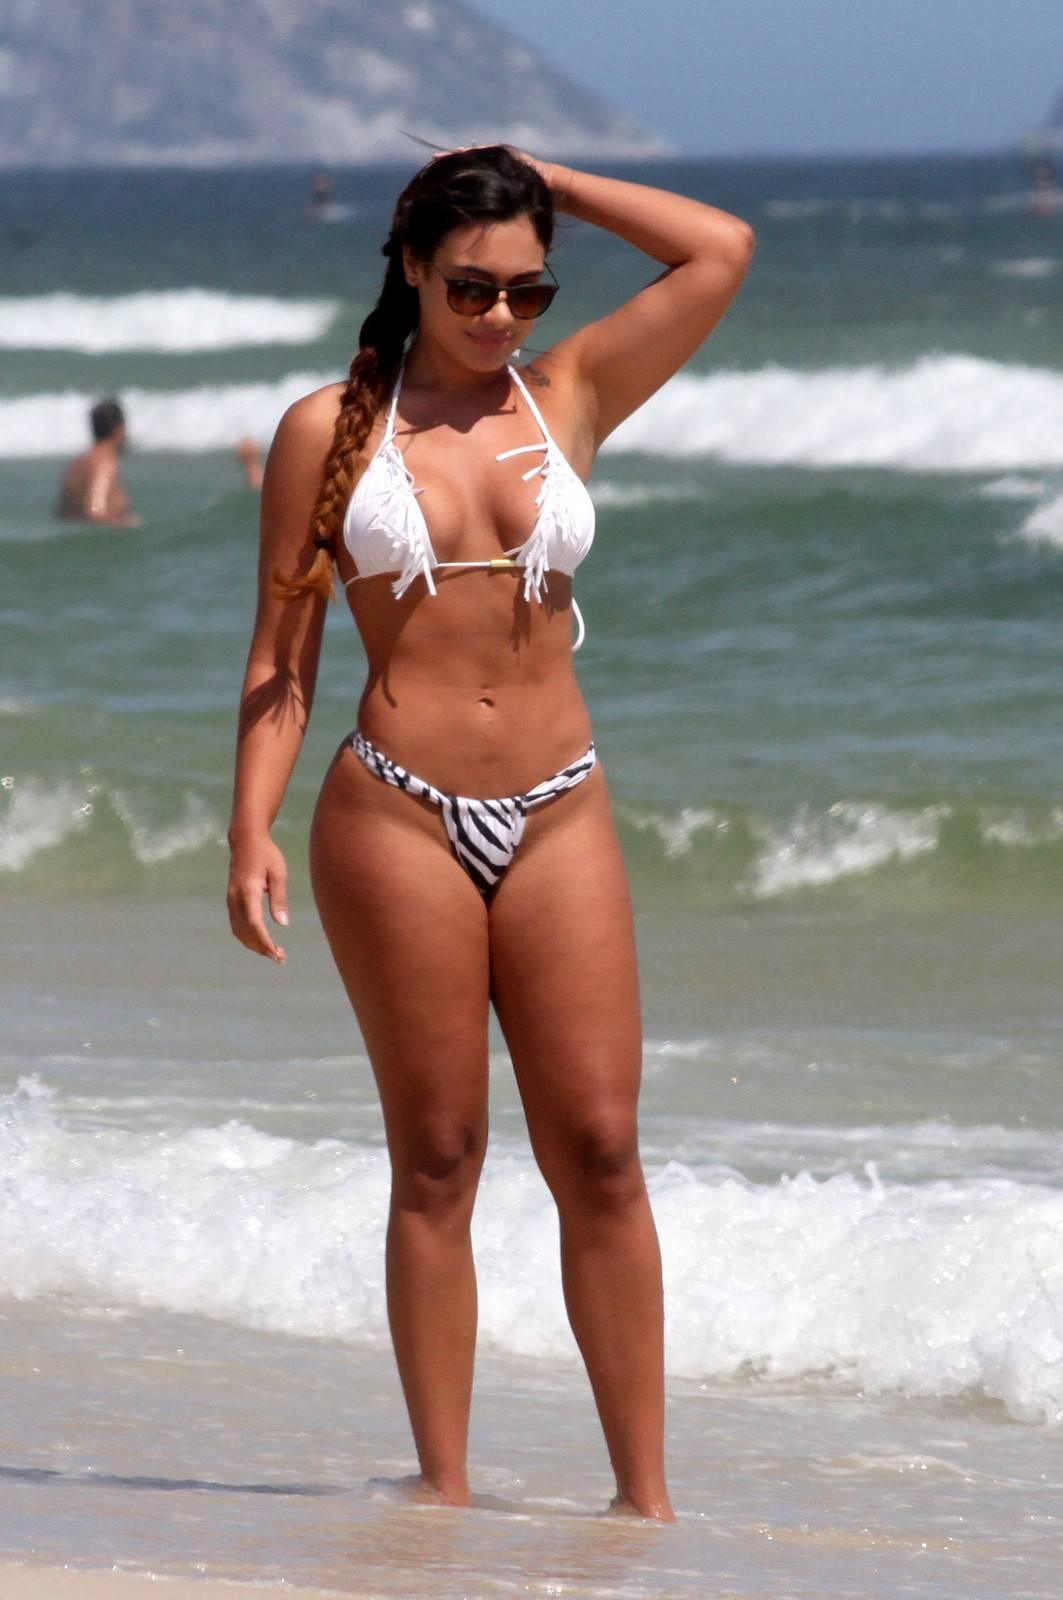 Bikini Patricia Jordane nudes (64 photos), Sexy, Sideboobs, Boobs, swimsuit 2018